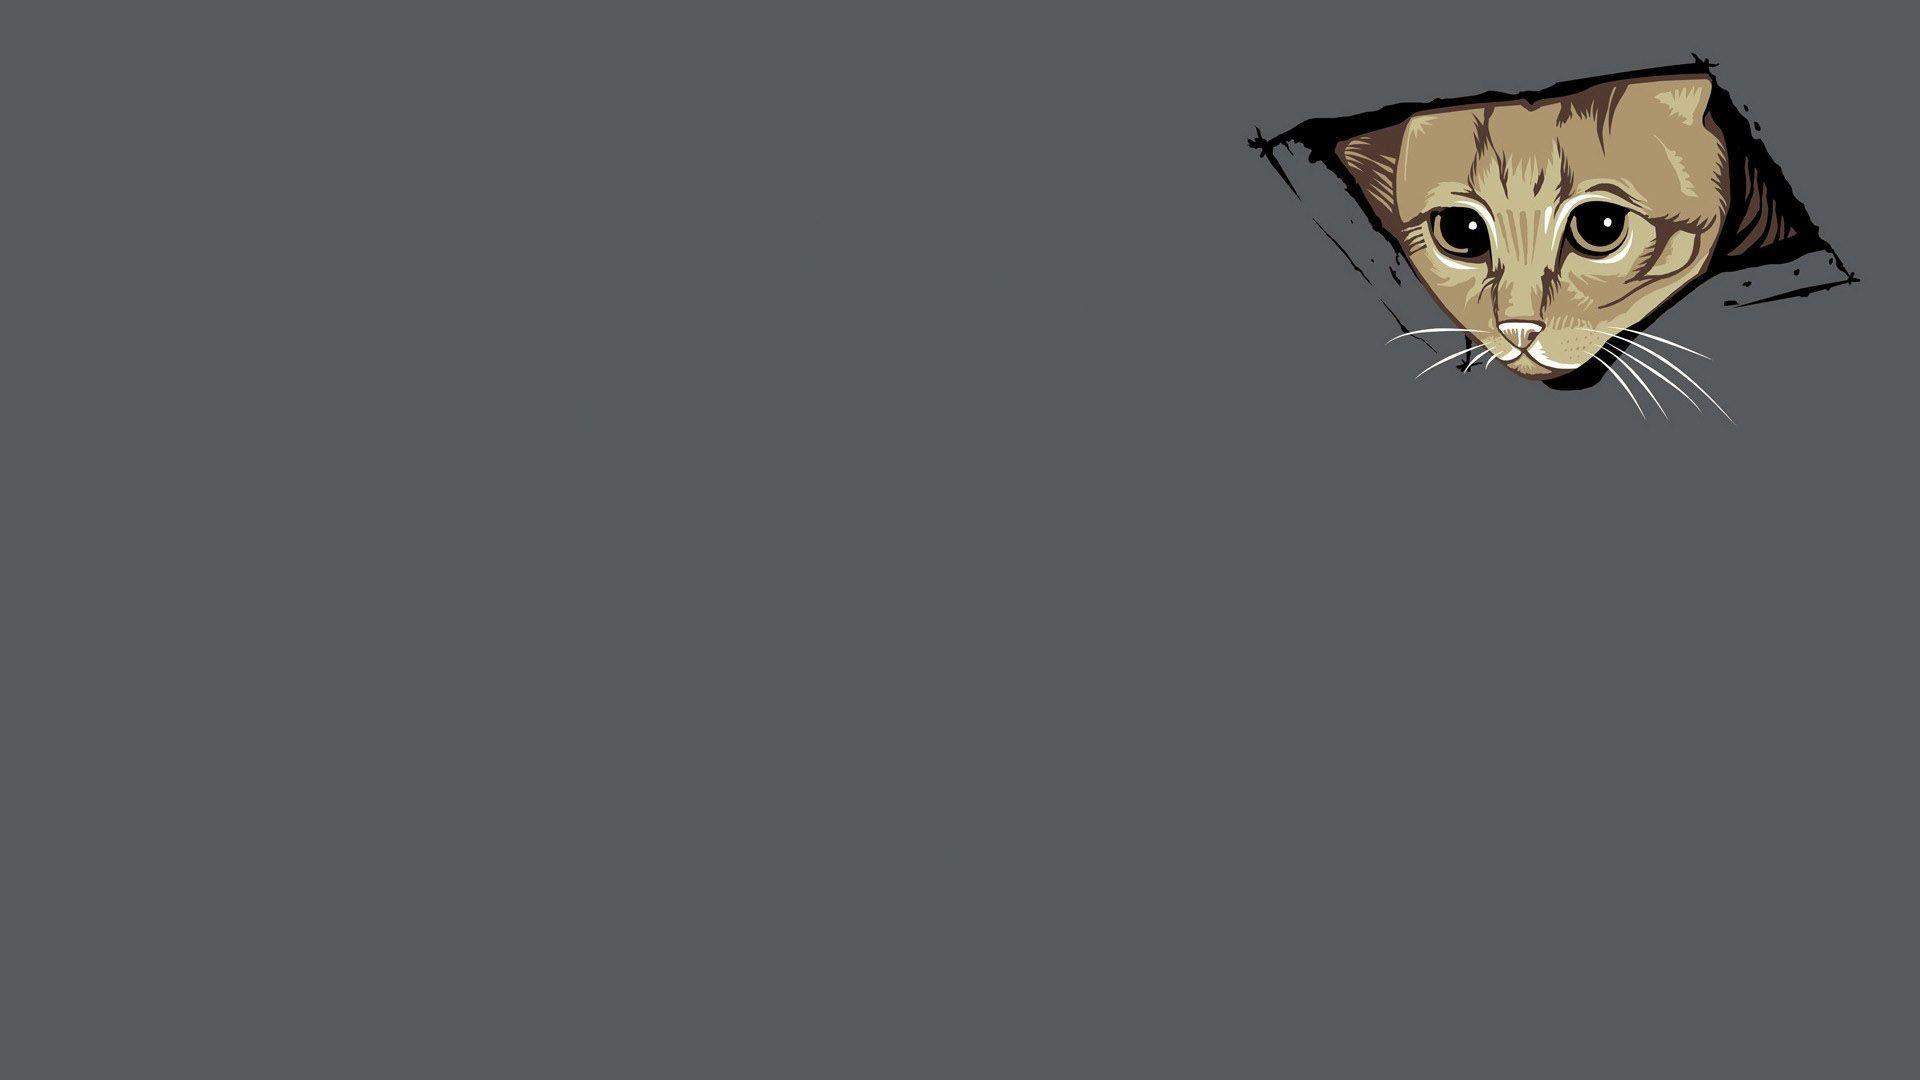 ceiling cat meme wallpaper 4575